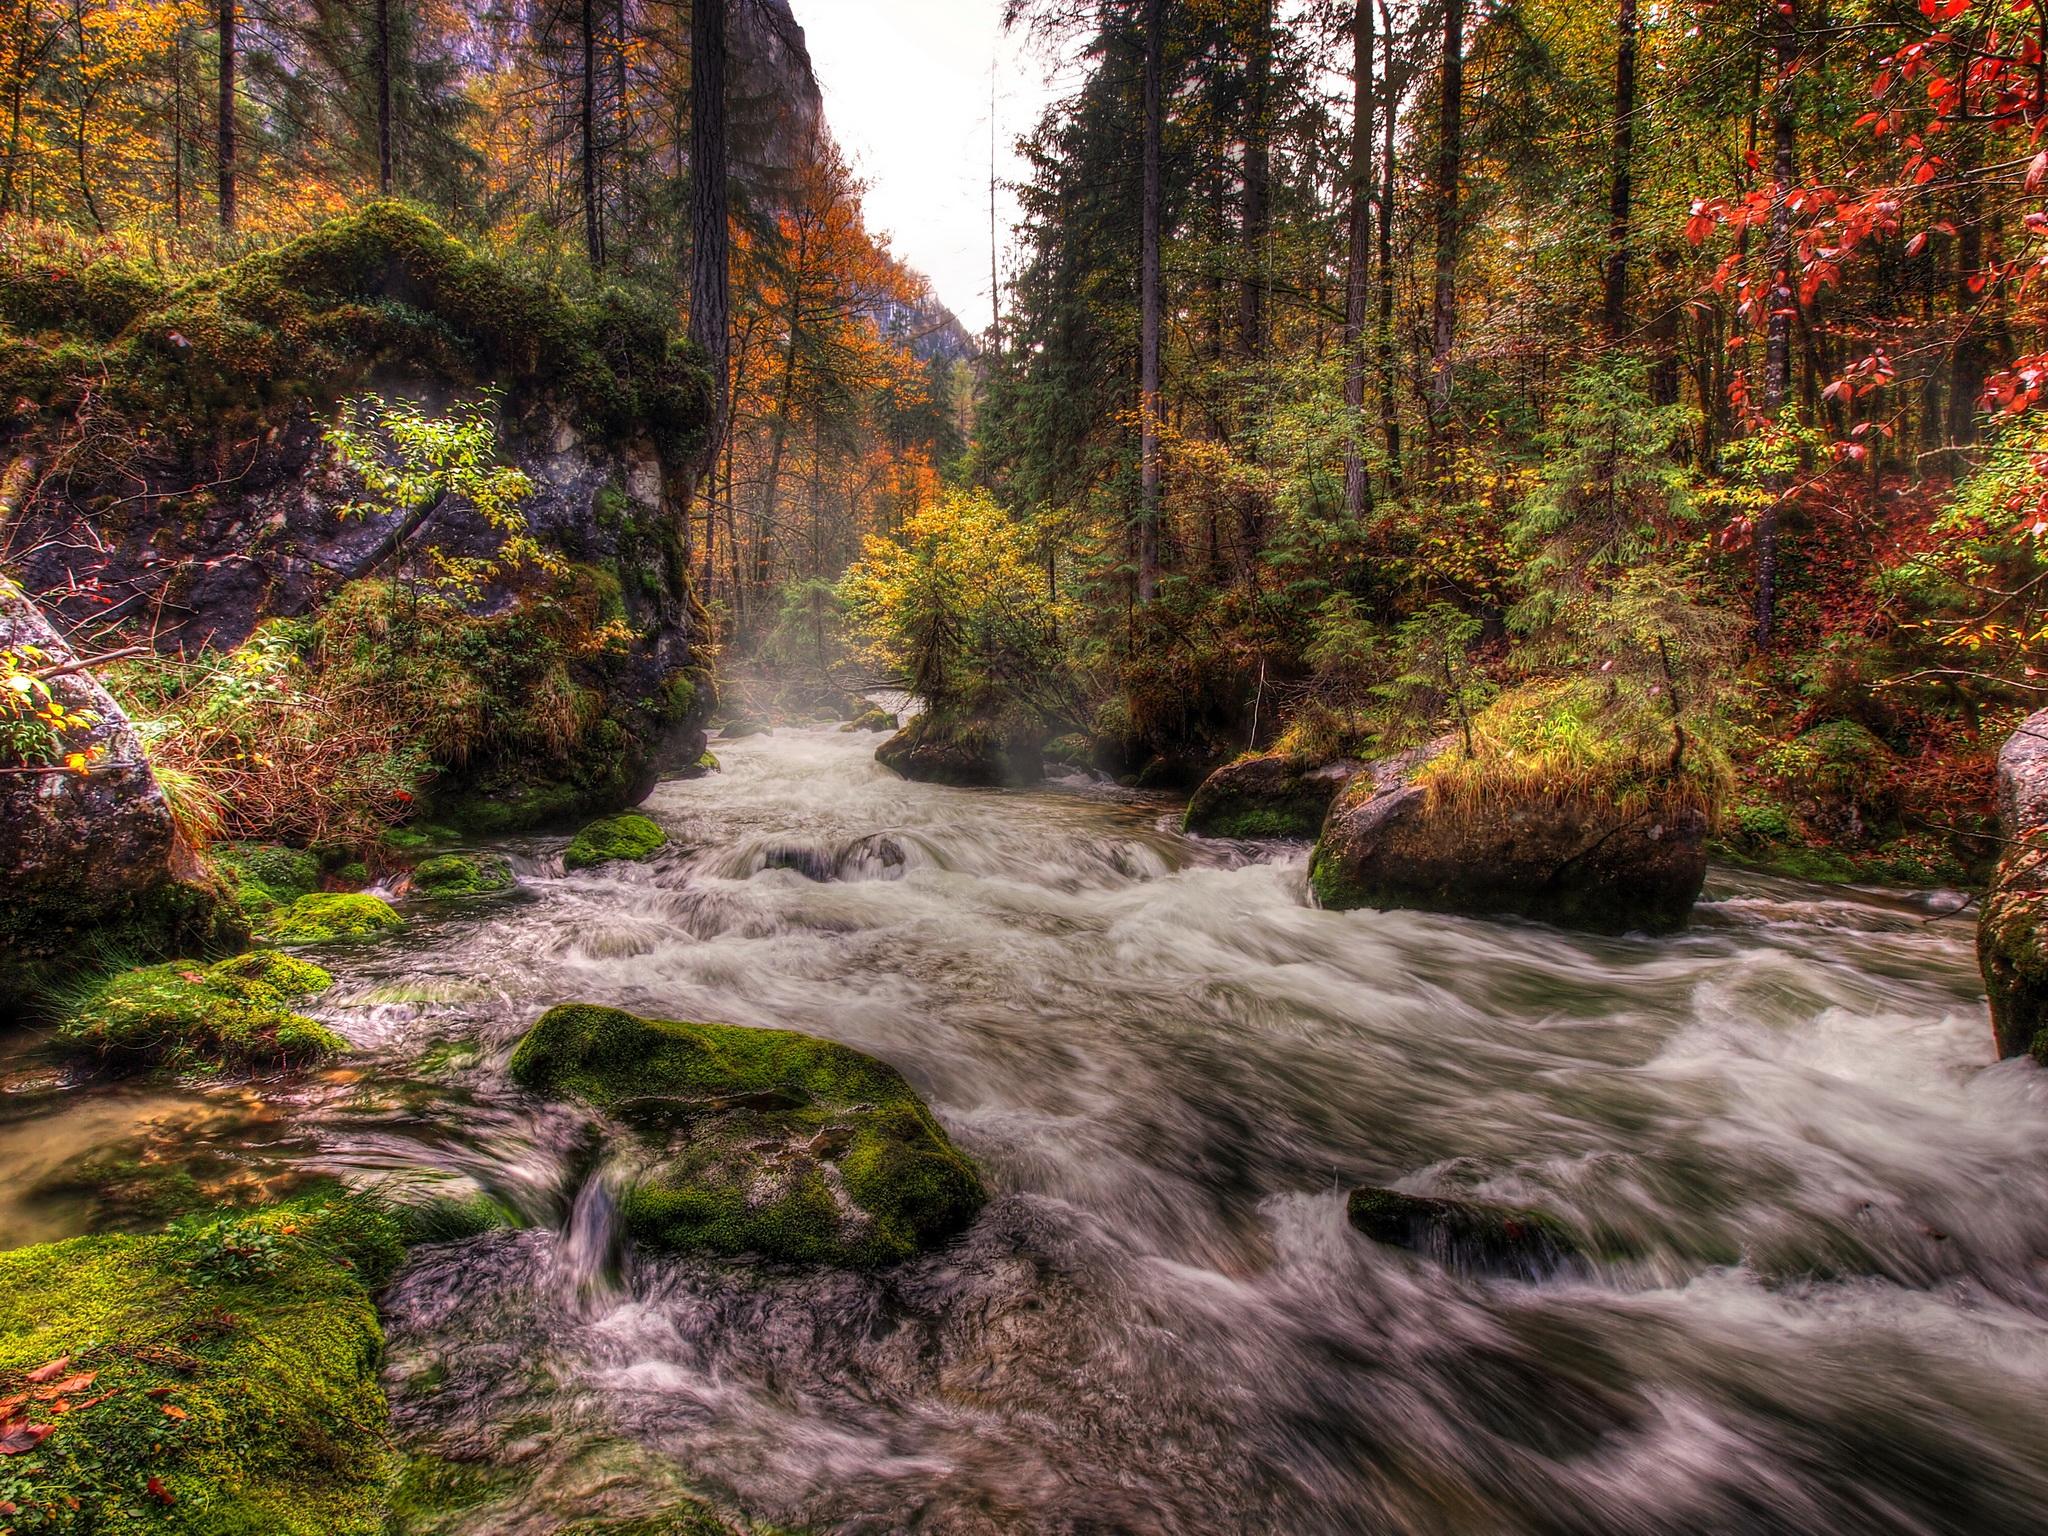 природа камни река деревья nature stones river trees загрузить